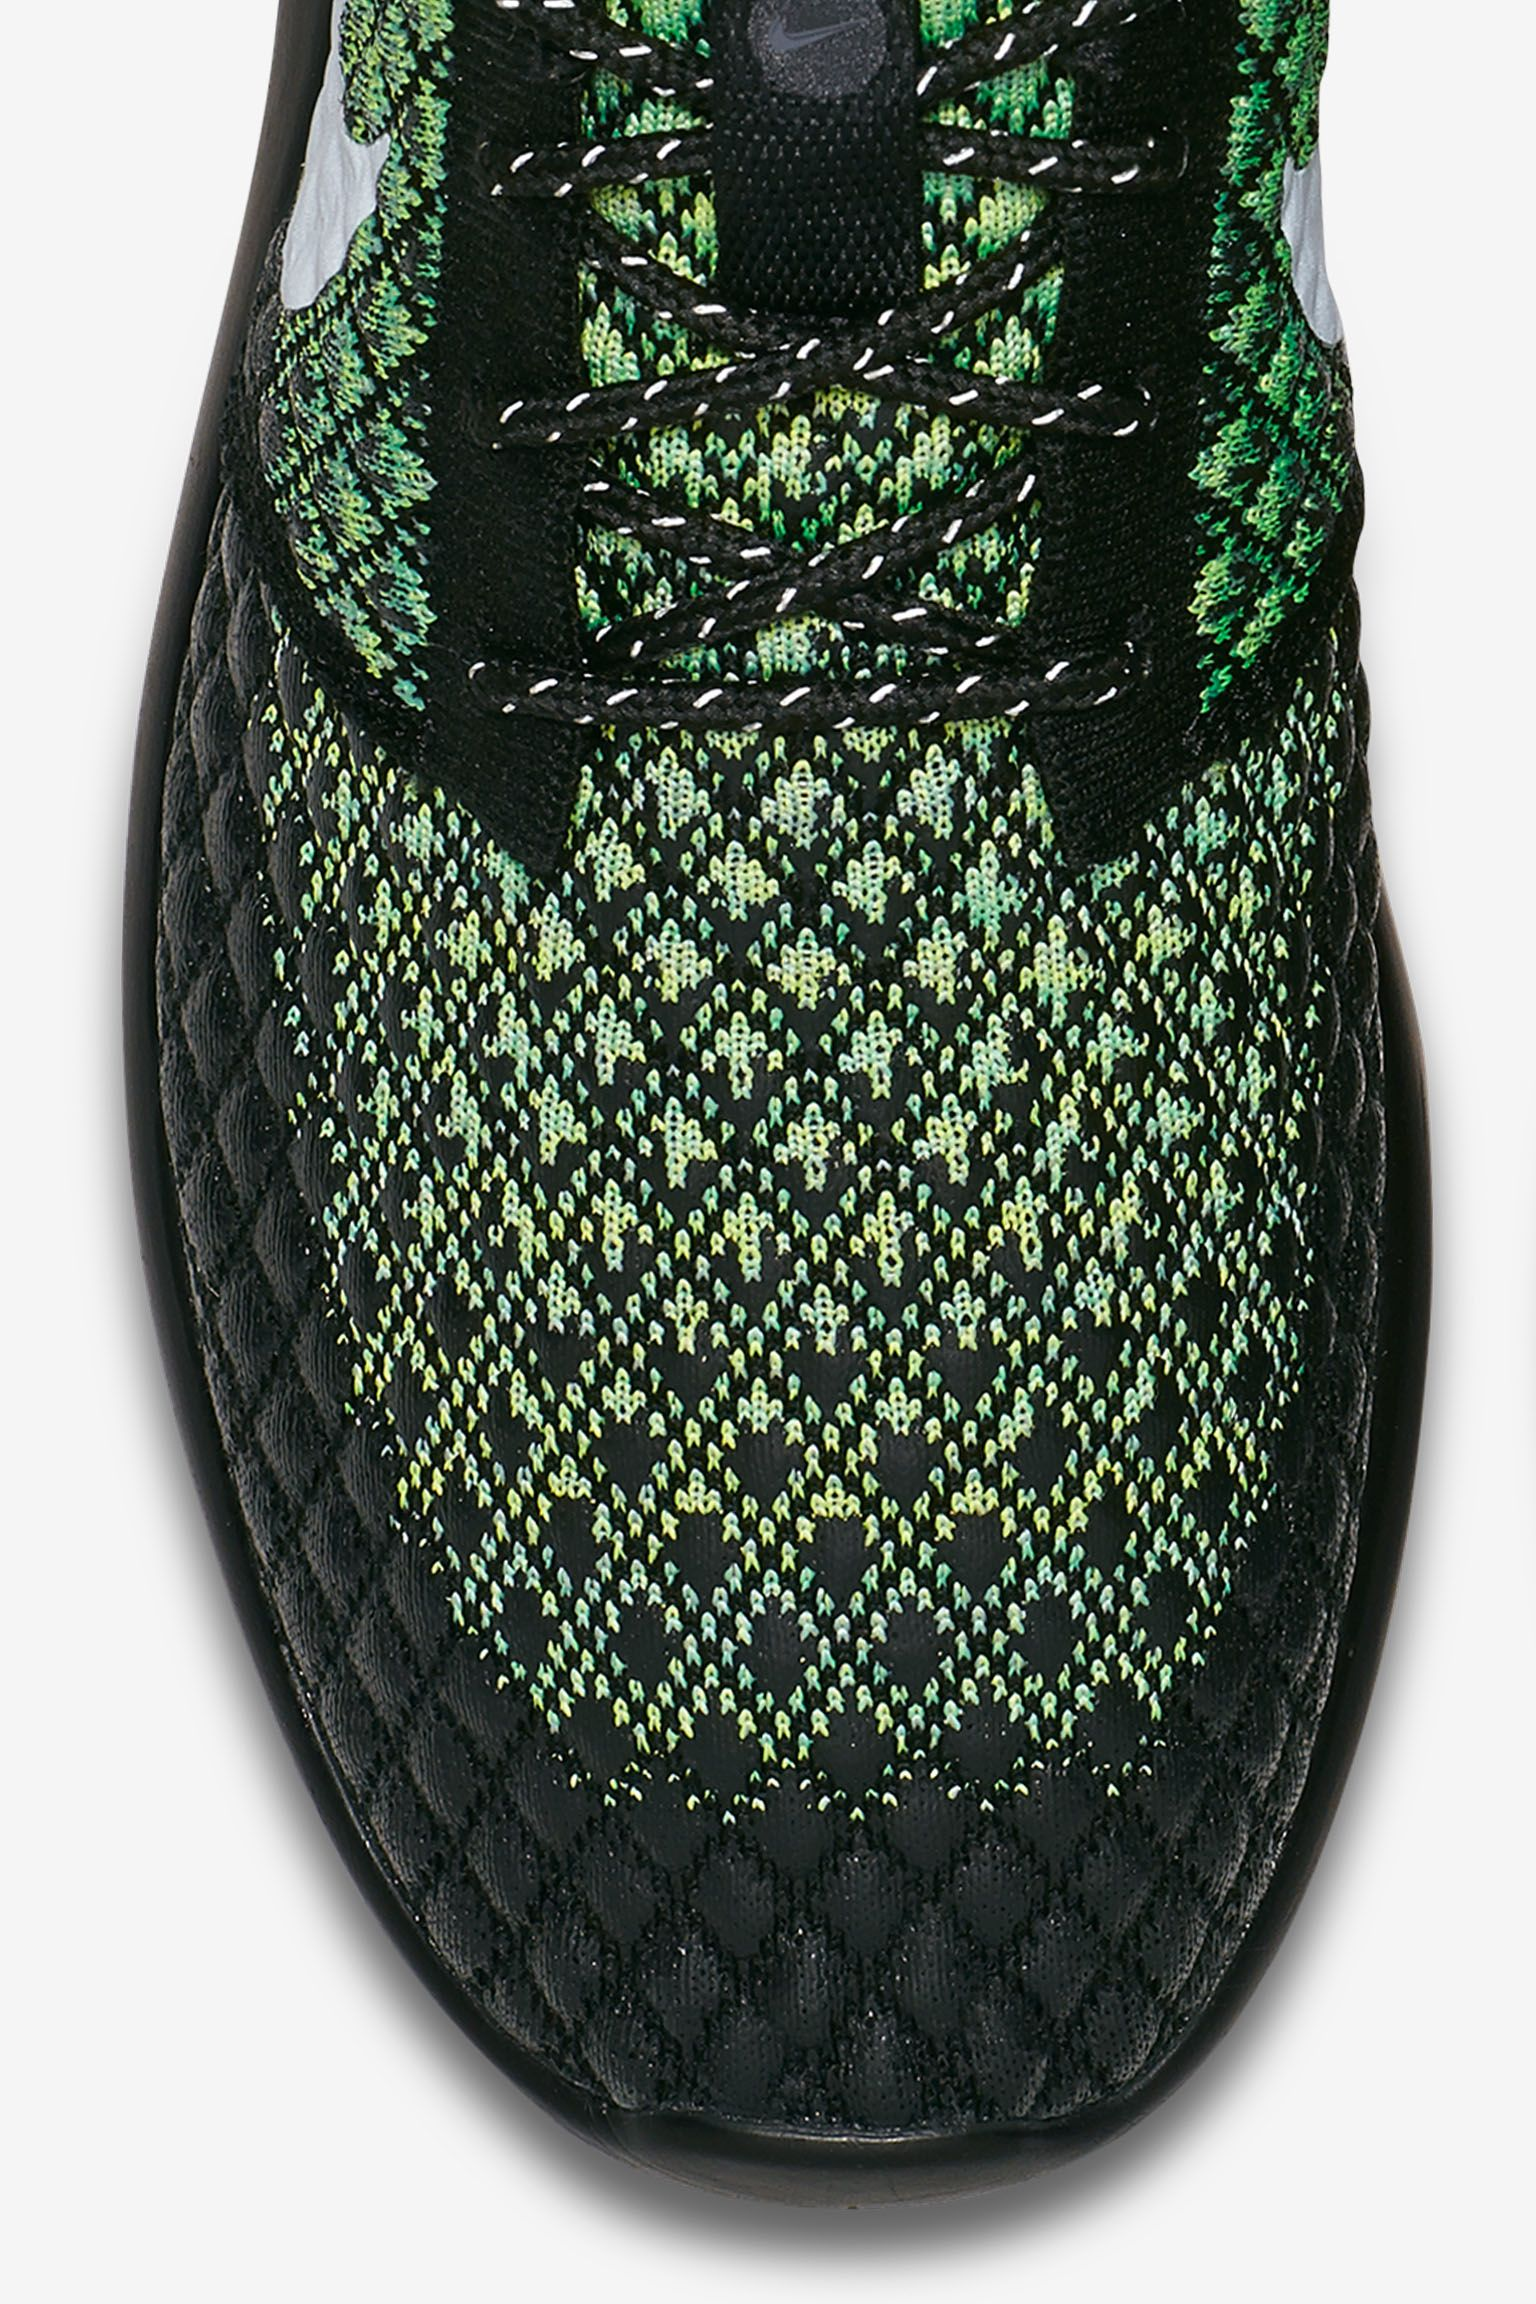 ナイキ ローシ ツー フライニット 365 'Volt & Green Glow'